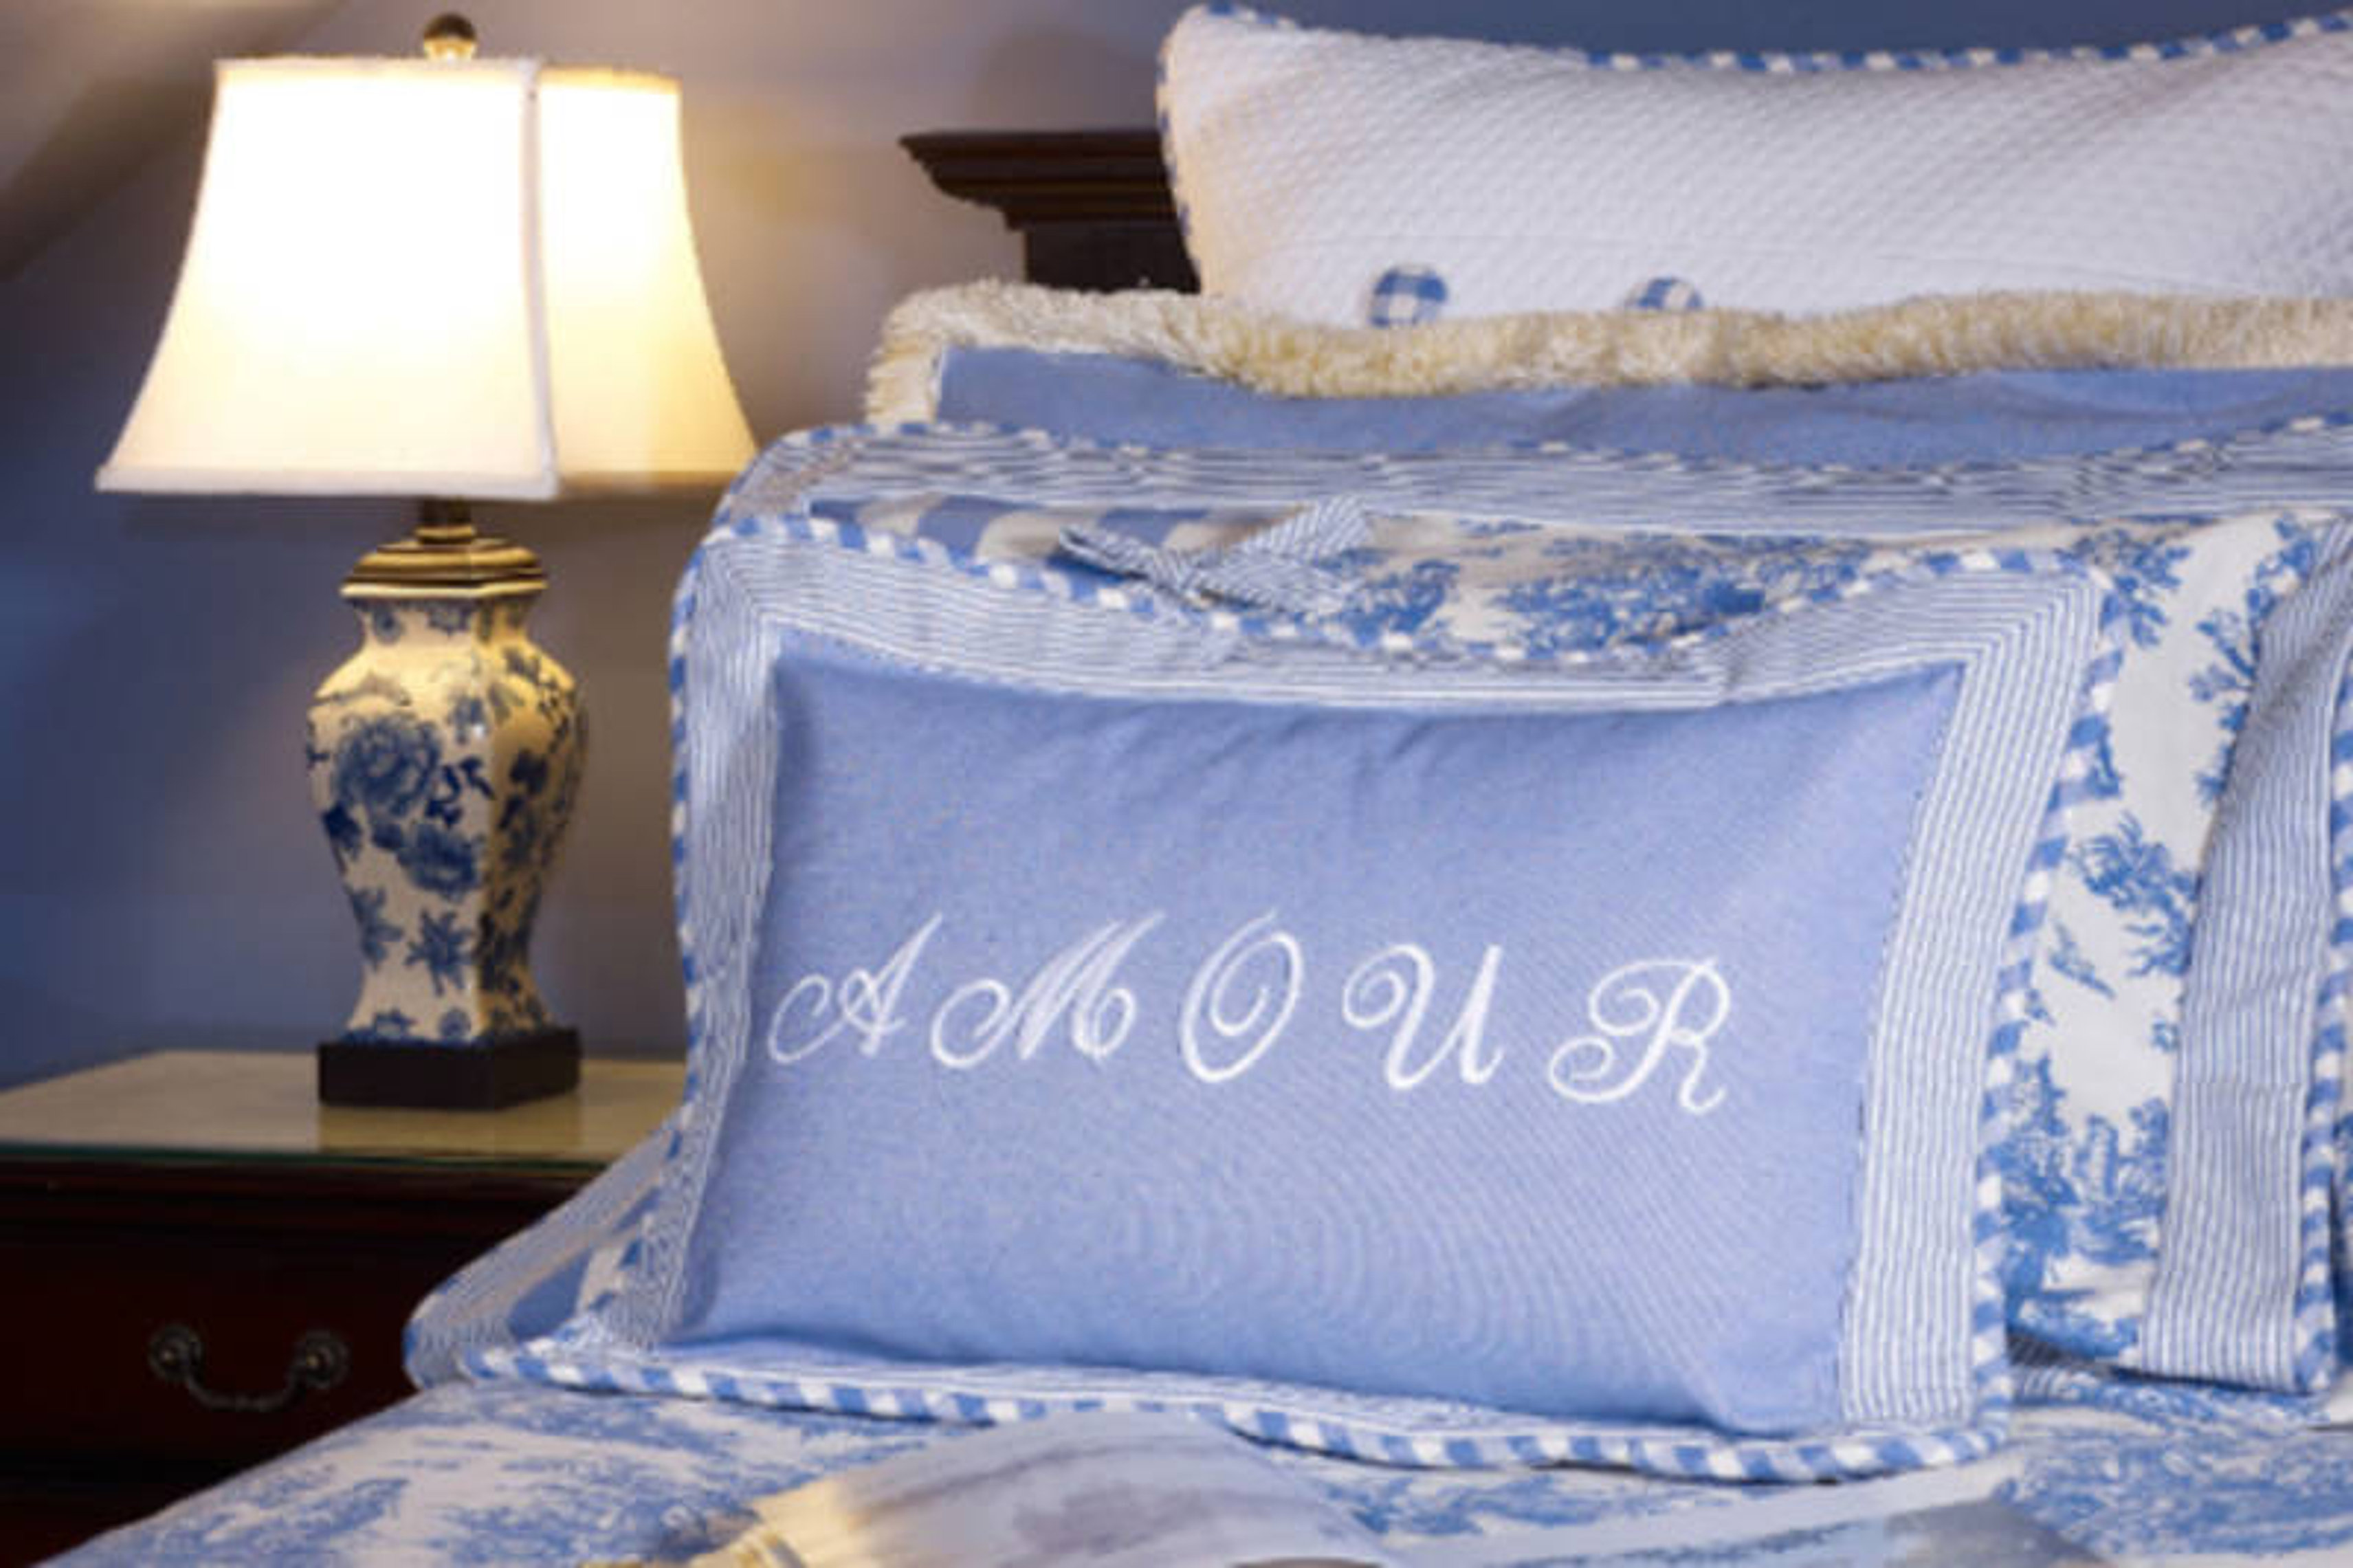 hcc hotel le clos saint louis. Black Bedroom Furniture Sets. Home Design Ideas